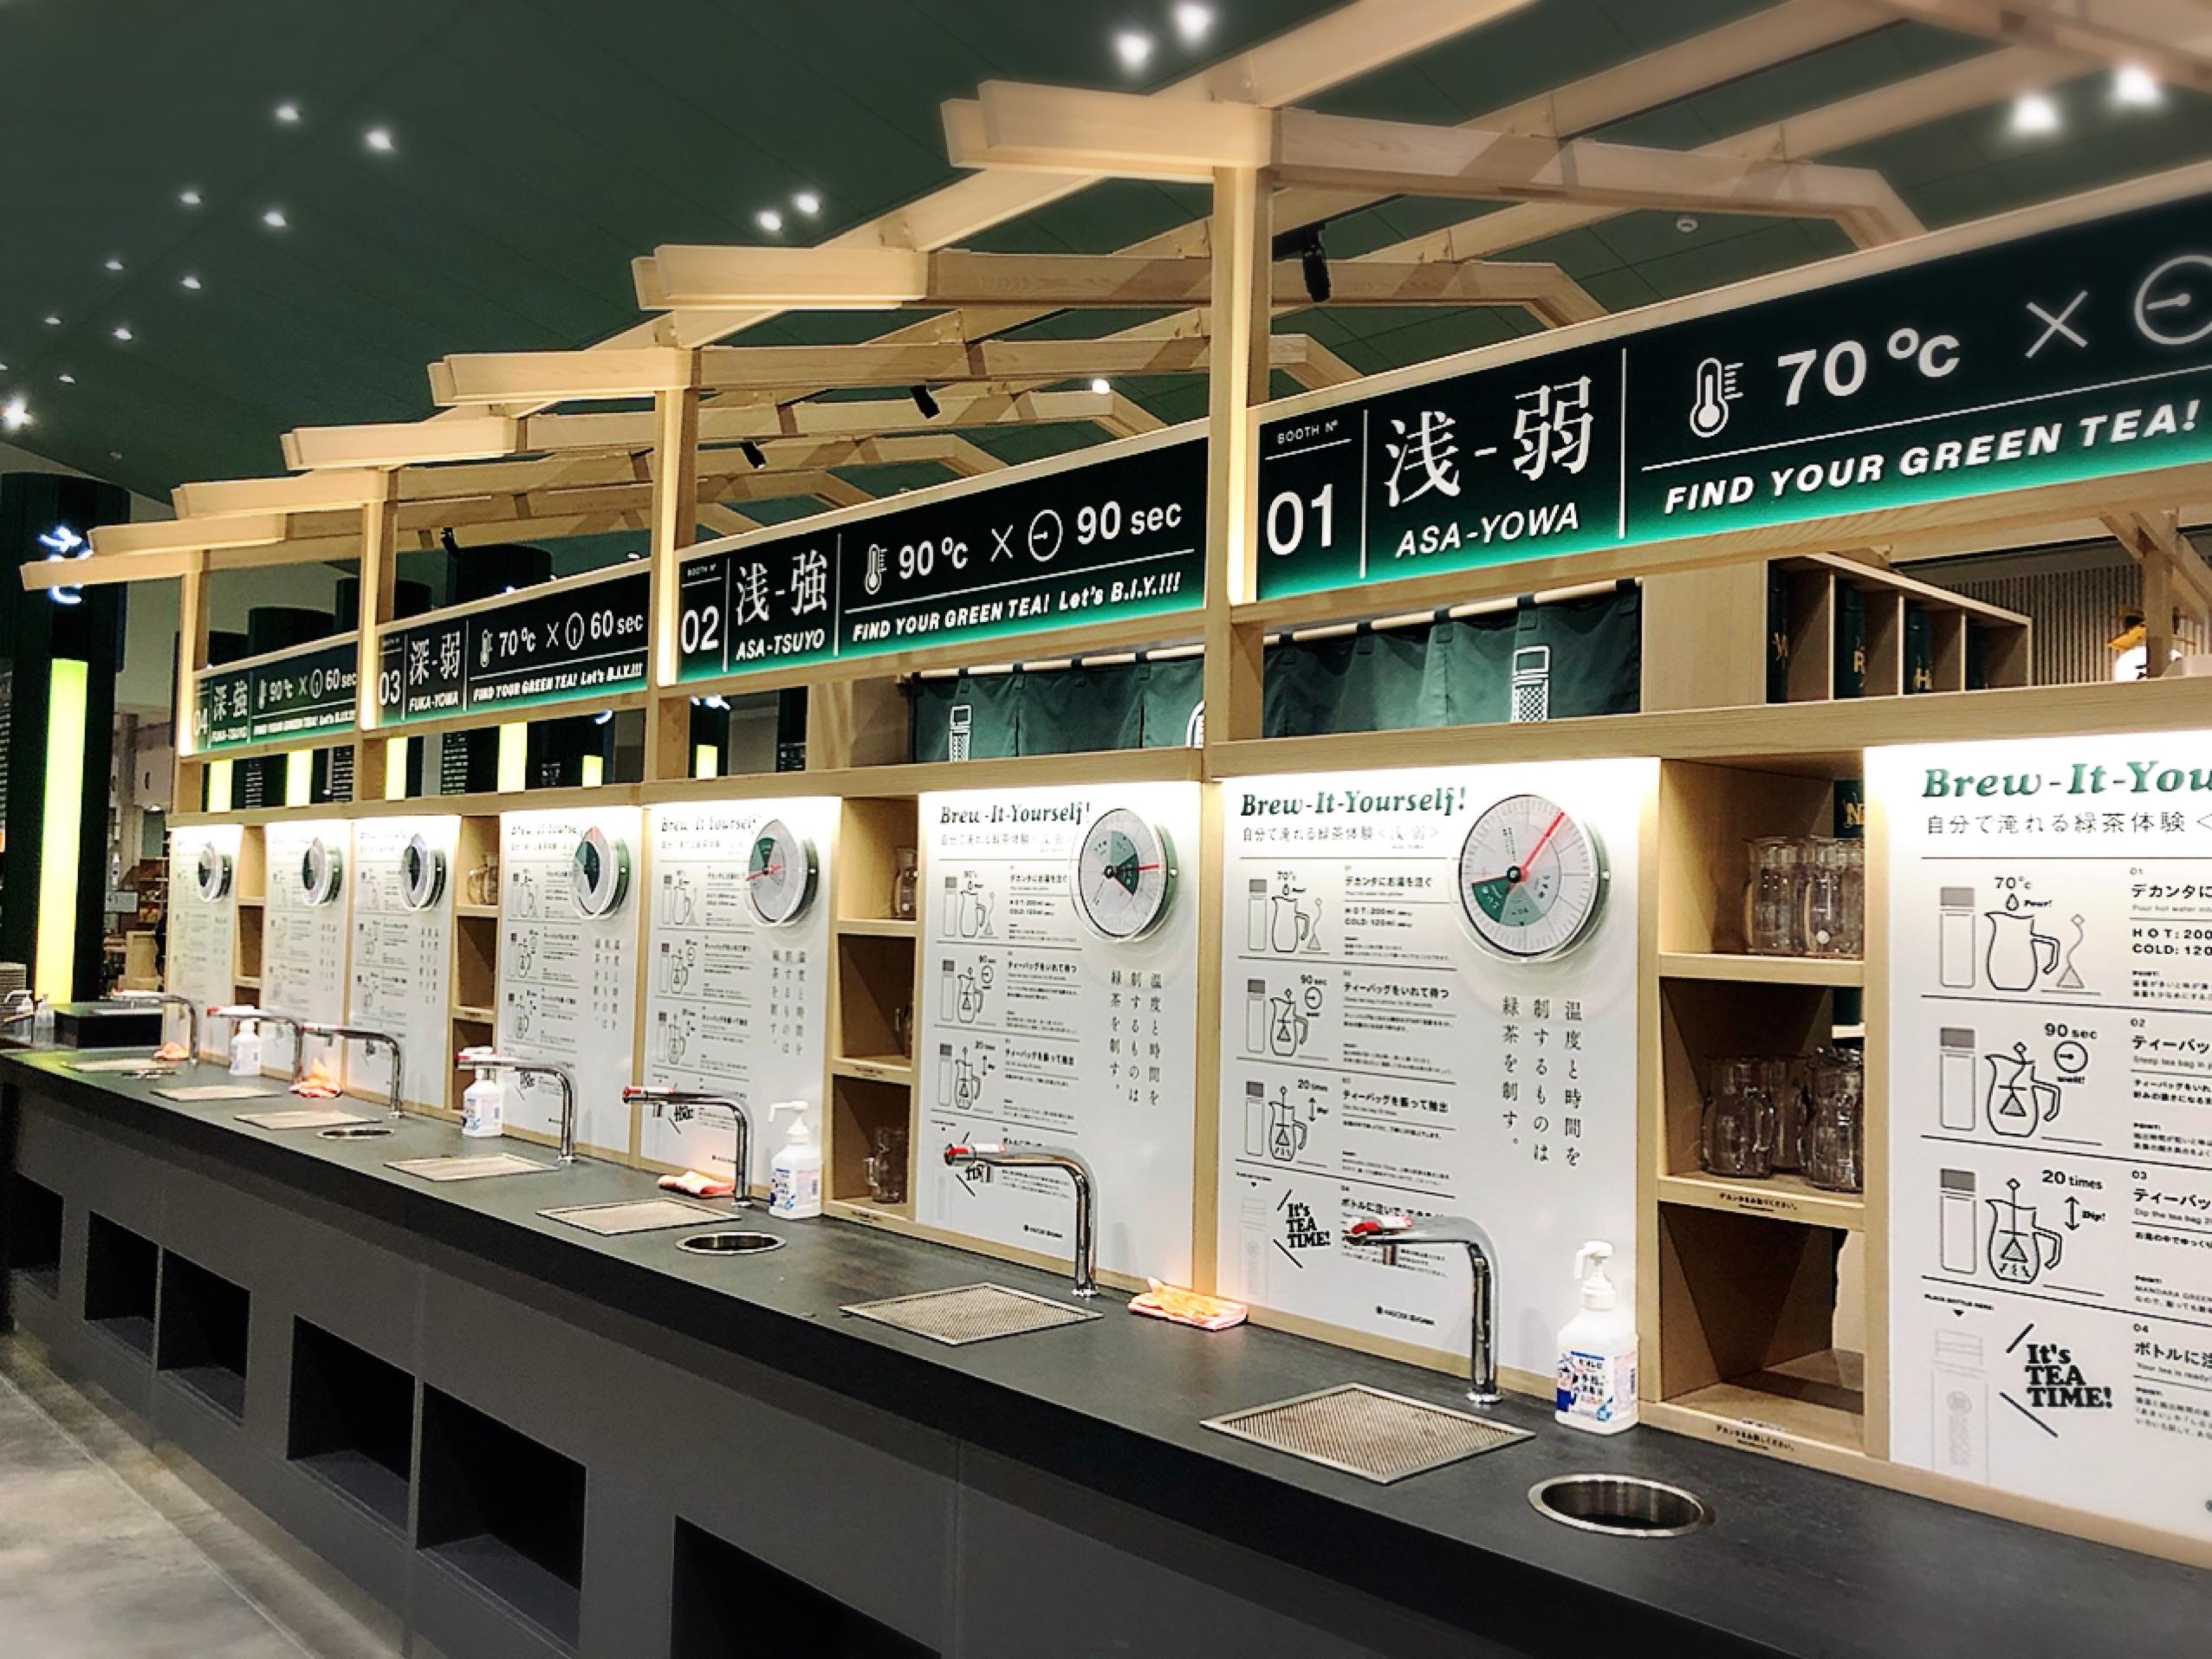 【#静岡】Newスポット⭐︎体験型フードパーク♩自分好みの緑茶を♡KADODE OOIGAWAに行ってきました♩_8